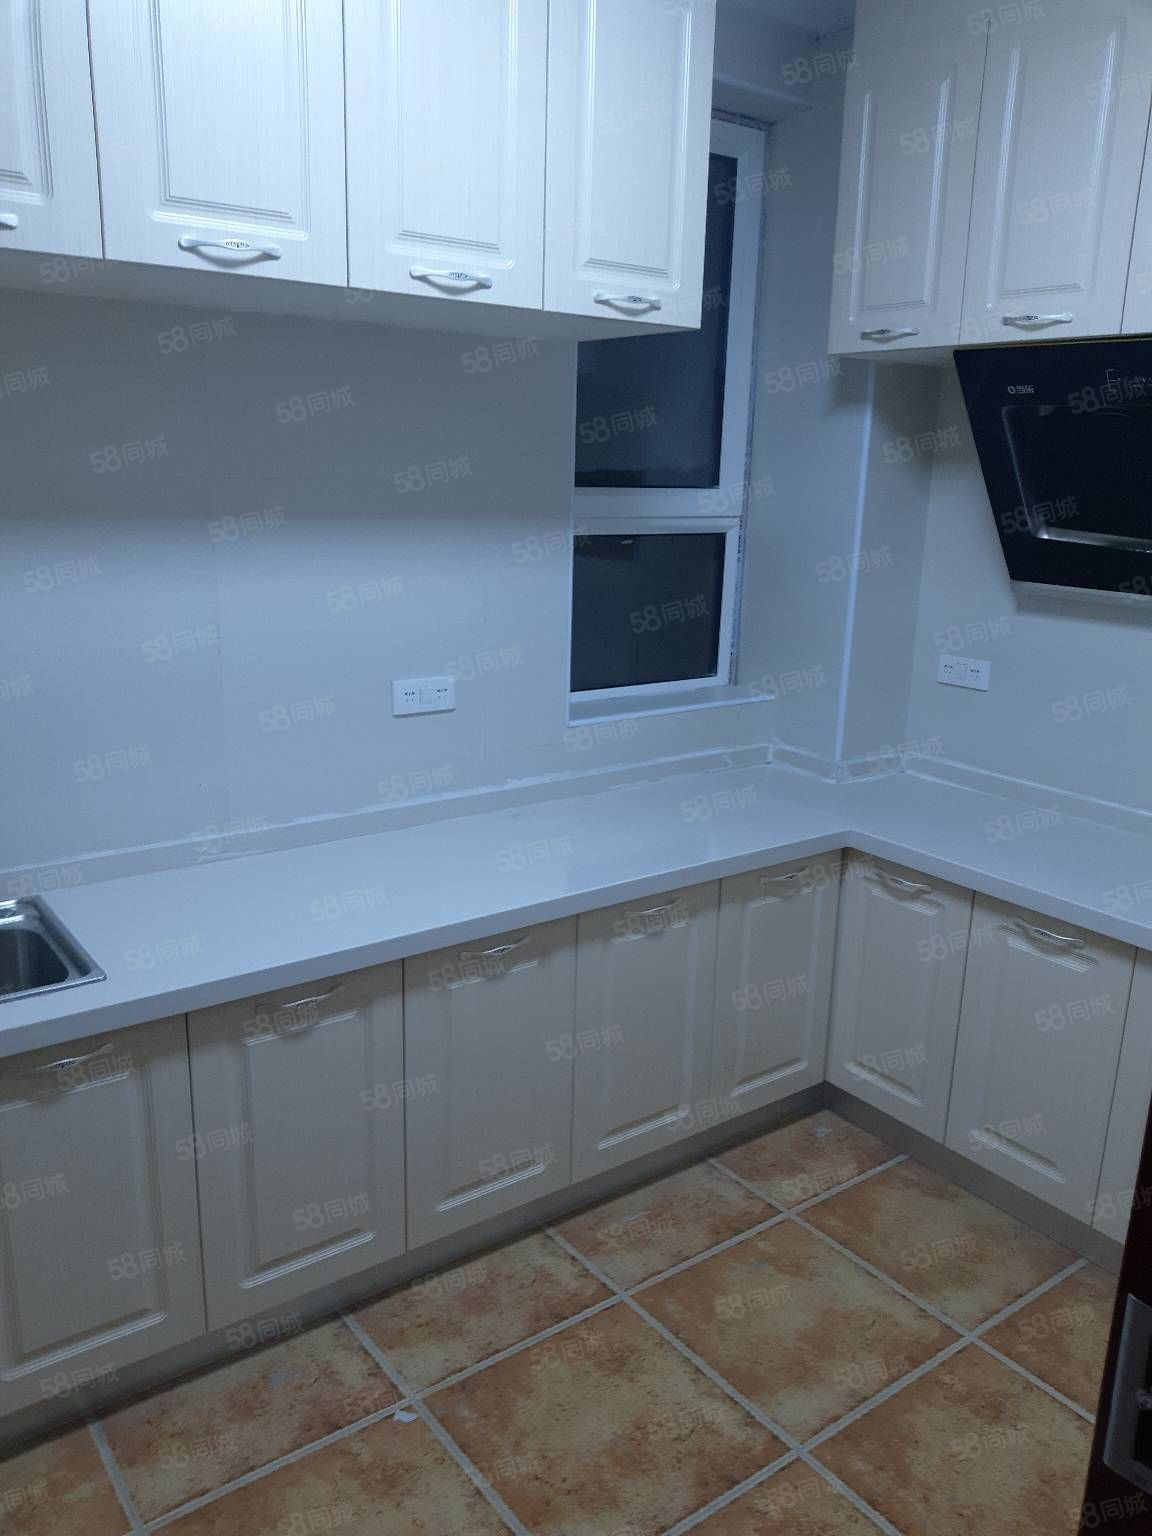 雁门小区两室三室出租有床柜子能做饭能洗澡停车方便紧邻